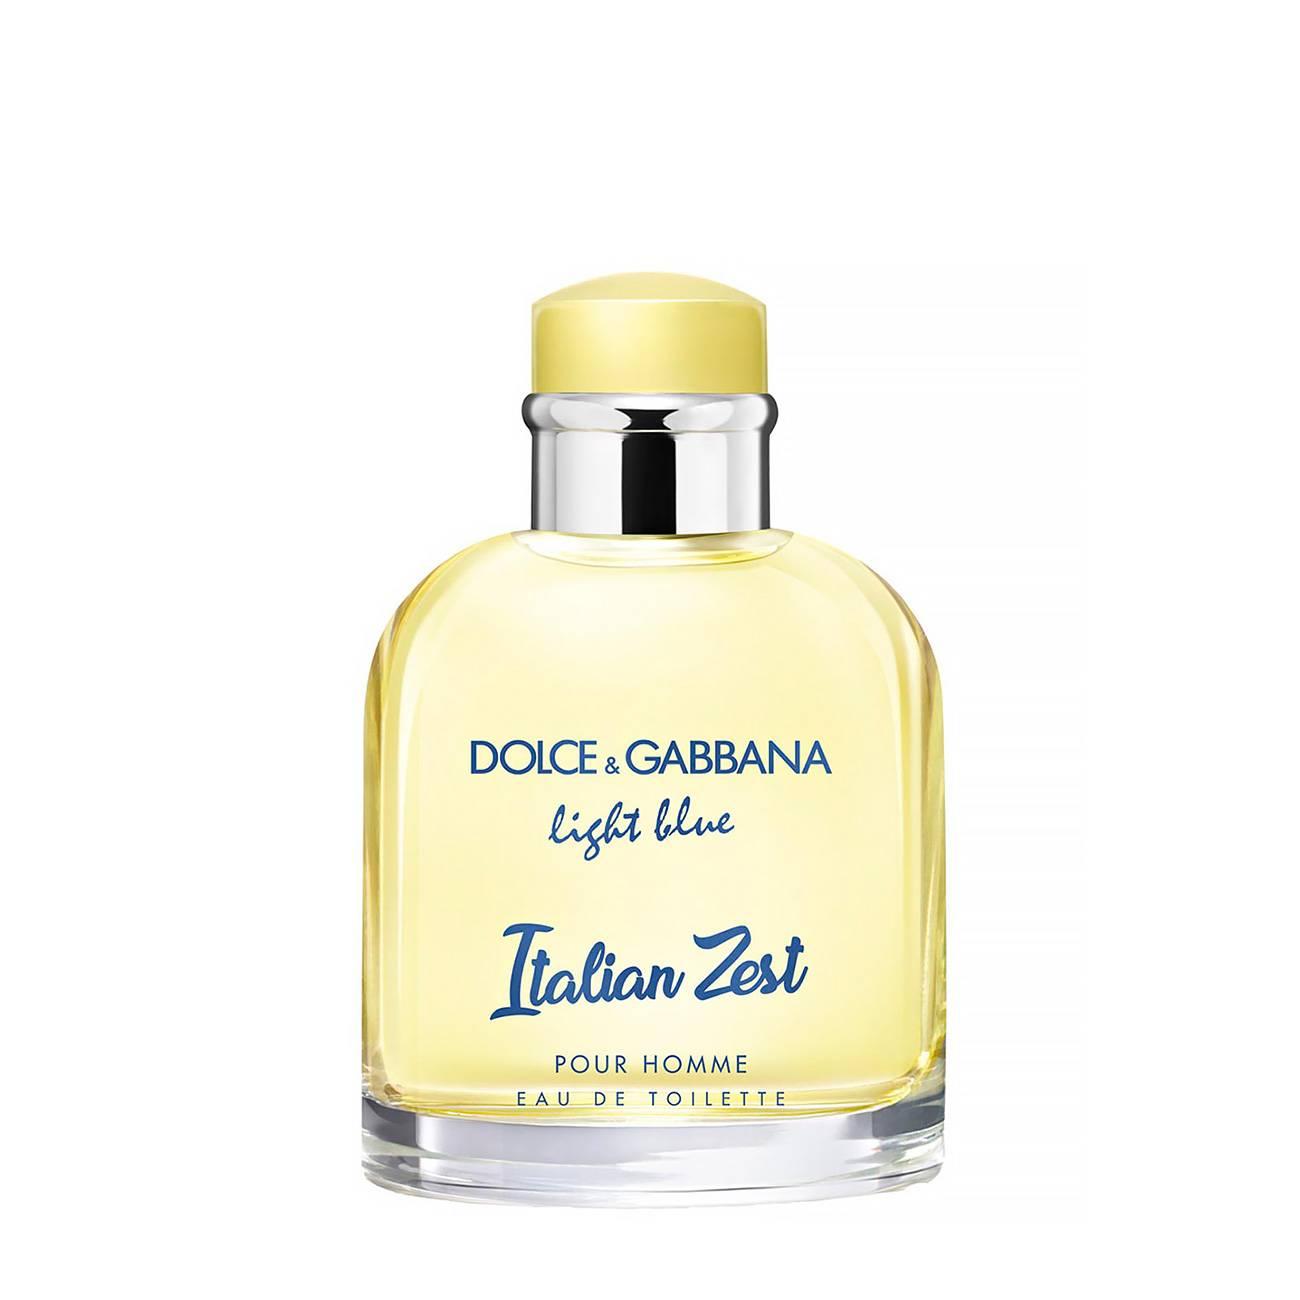 LIGHT BLUE ITALIAN ZEST POUR HOMME 75ml poza noua